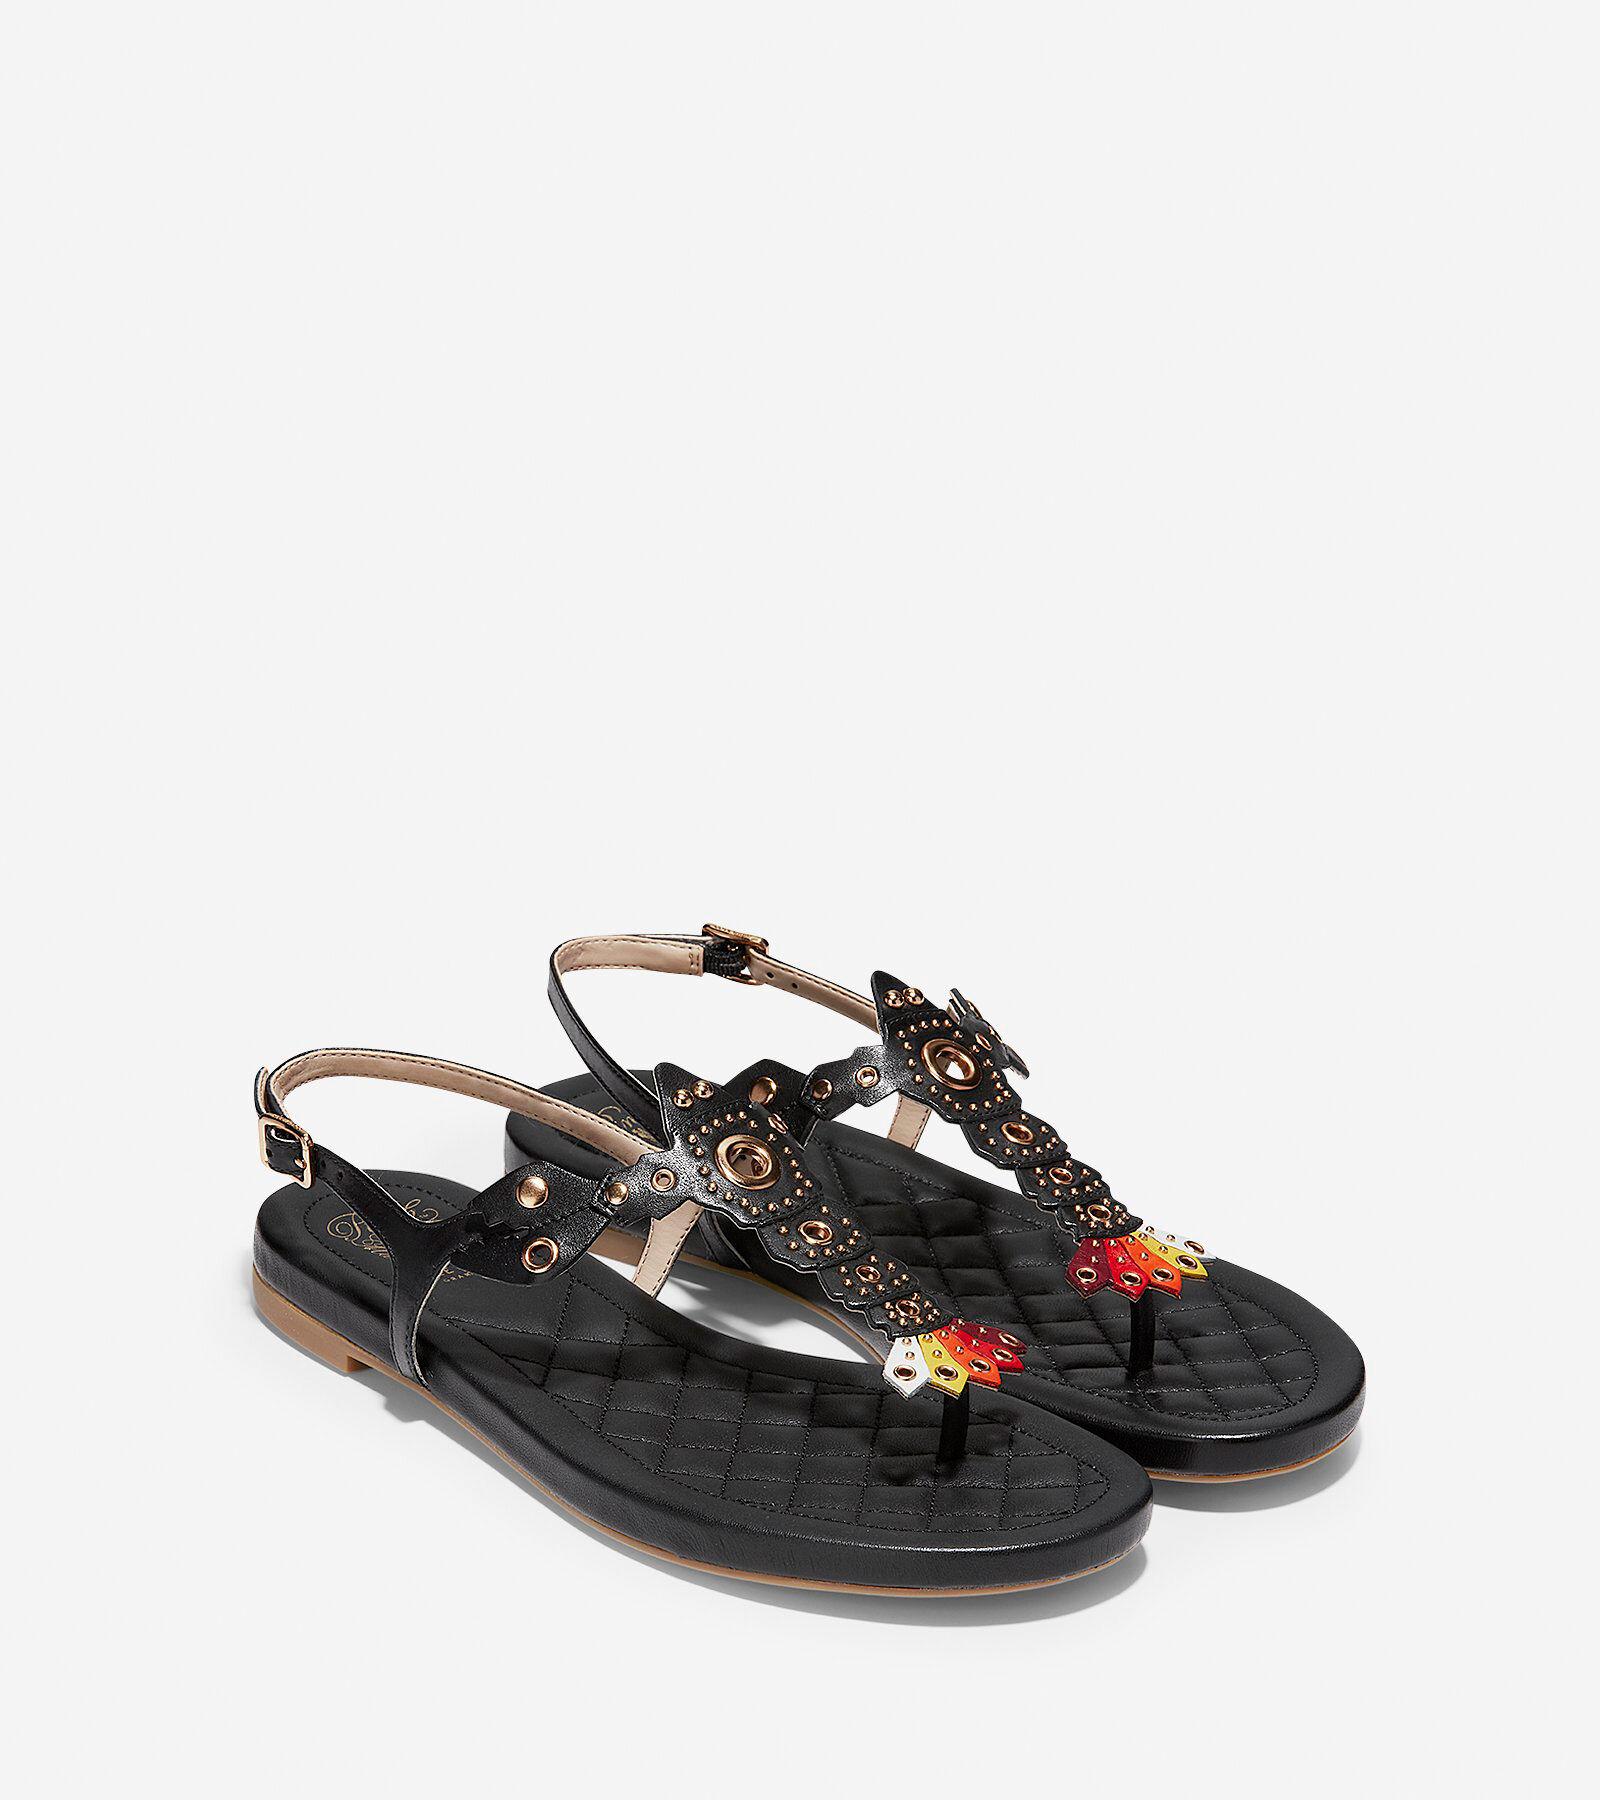 Cole HaanPinch Lobster Sandal JcYtkdNh8